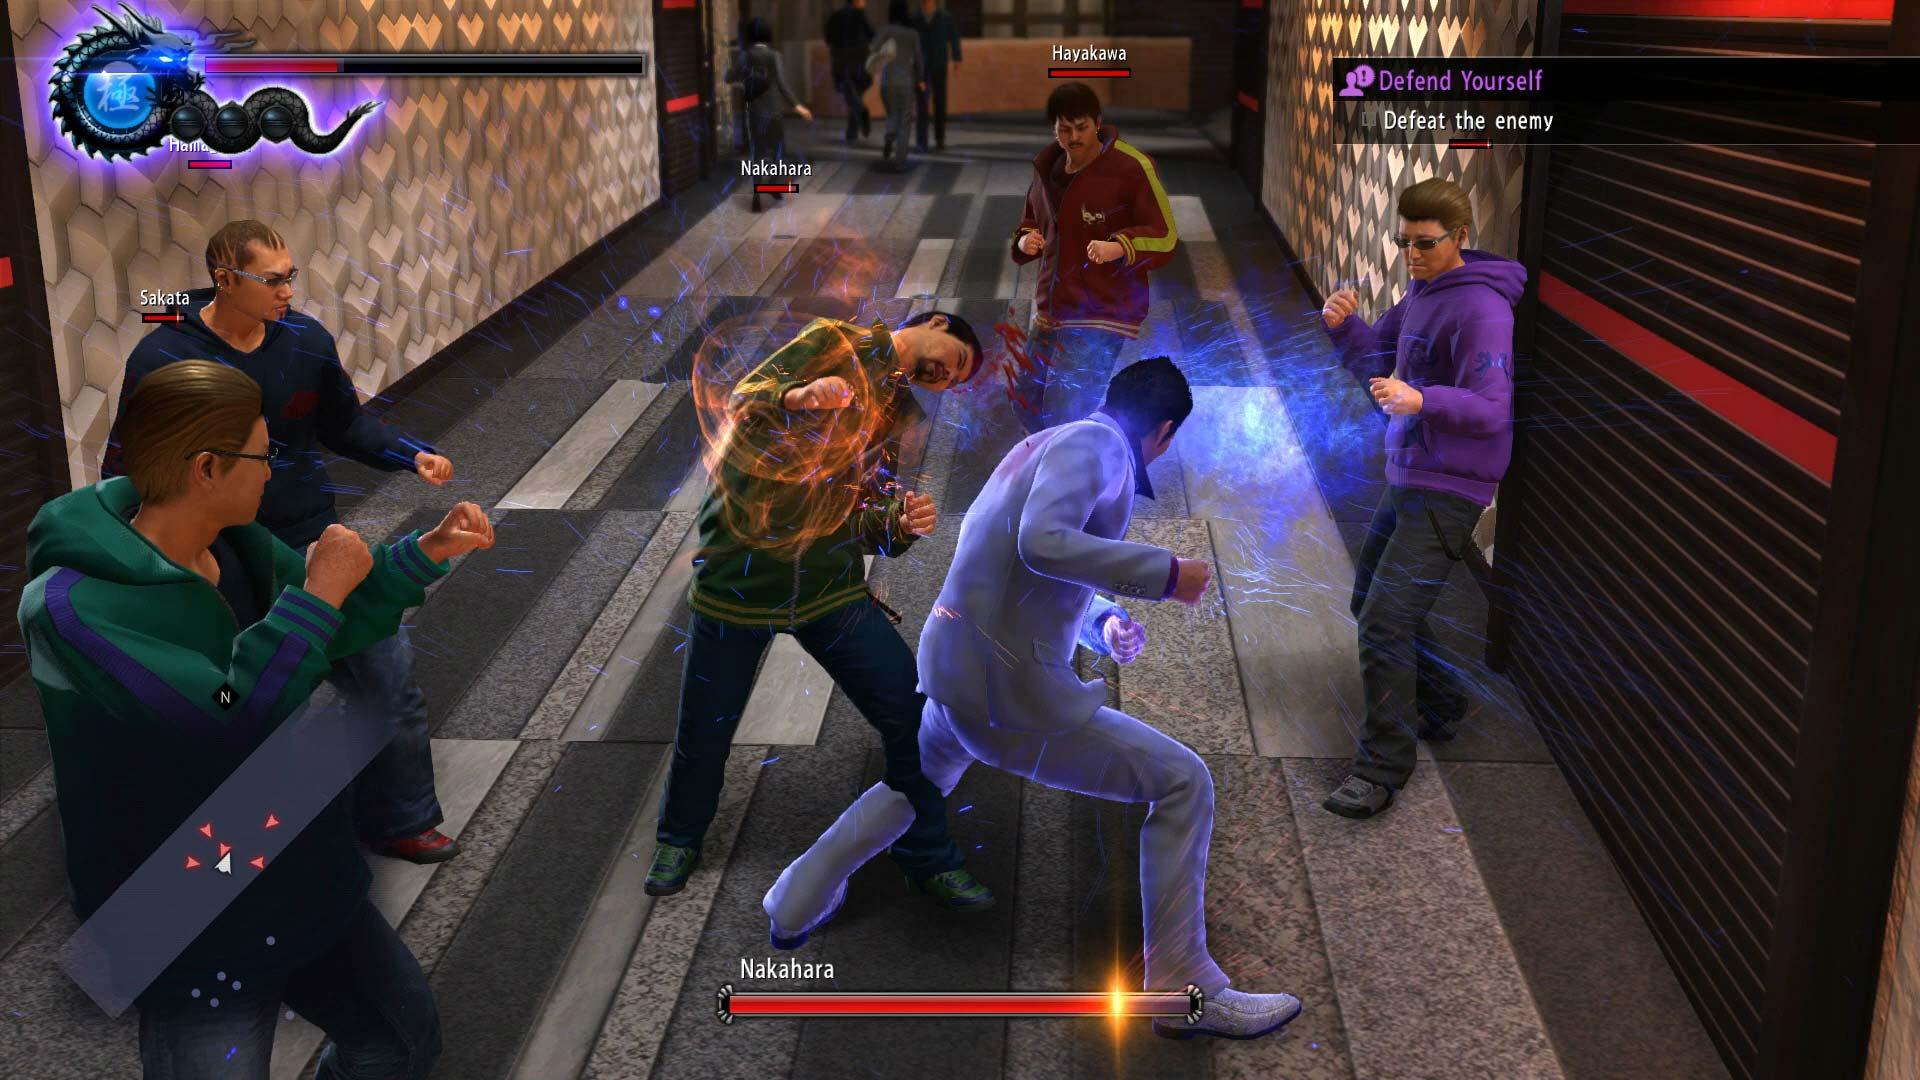 Yakuza 6 The Song of Life taistelu käytävällä